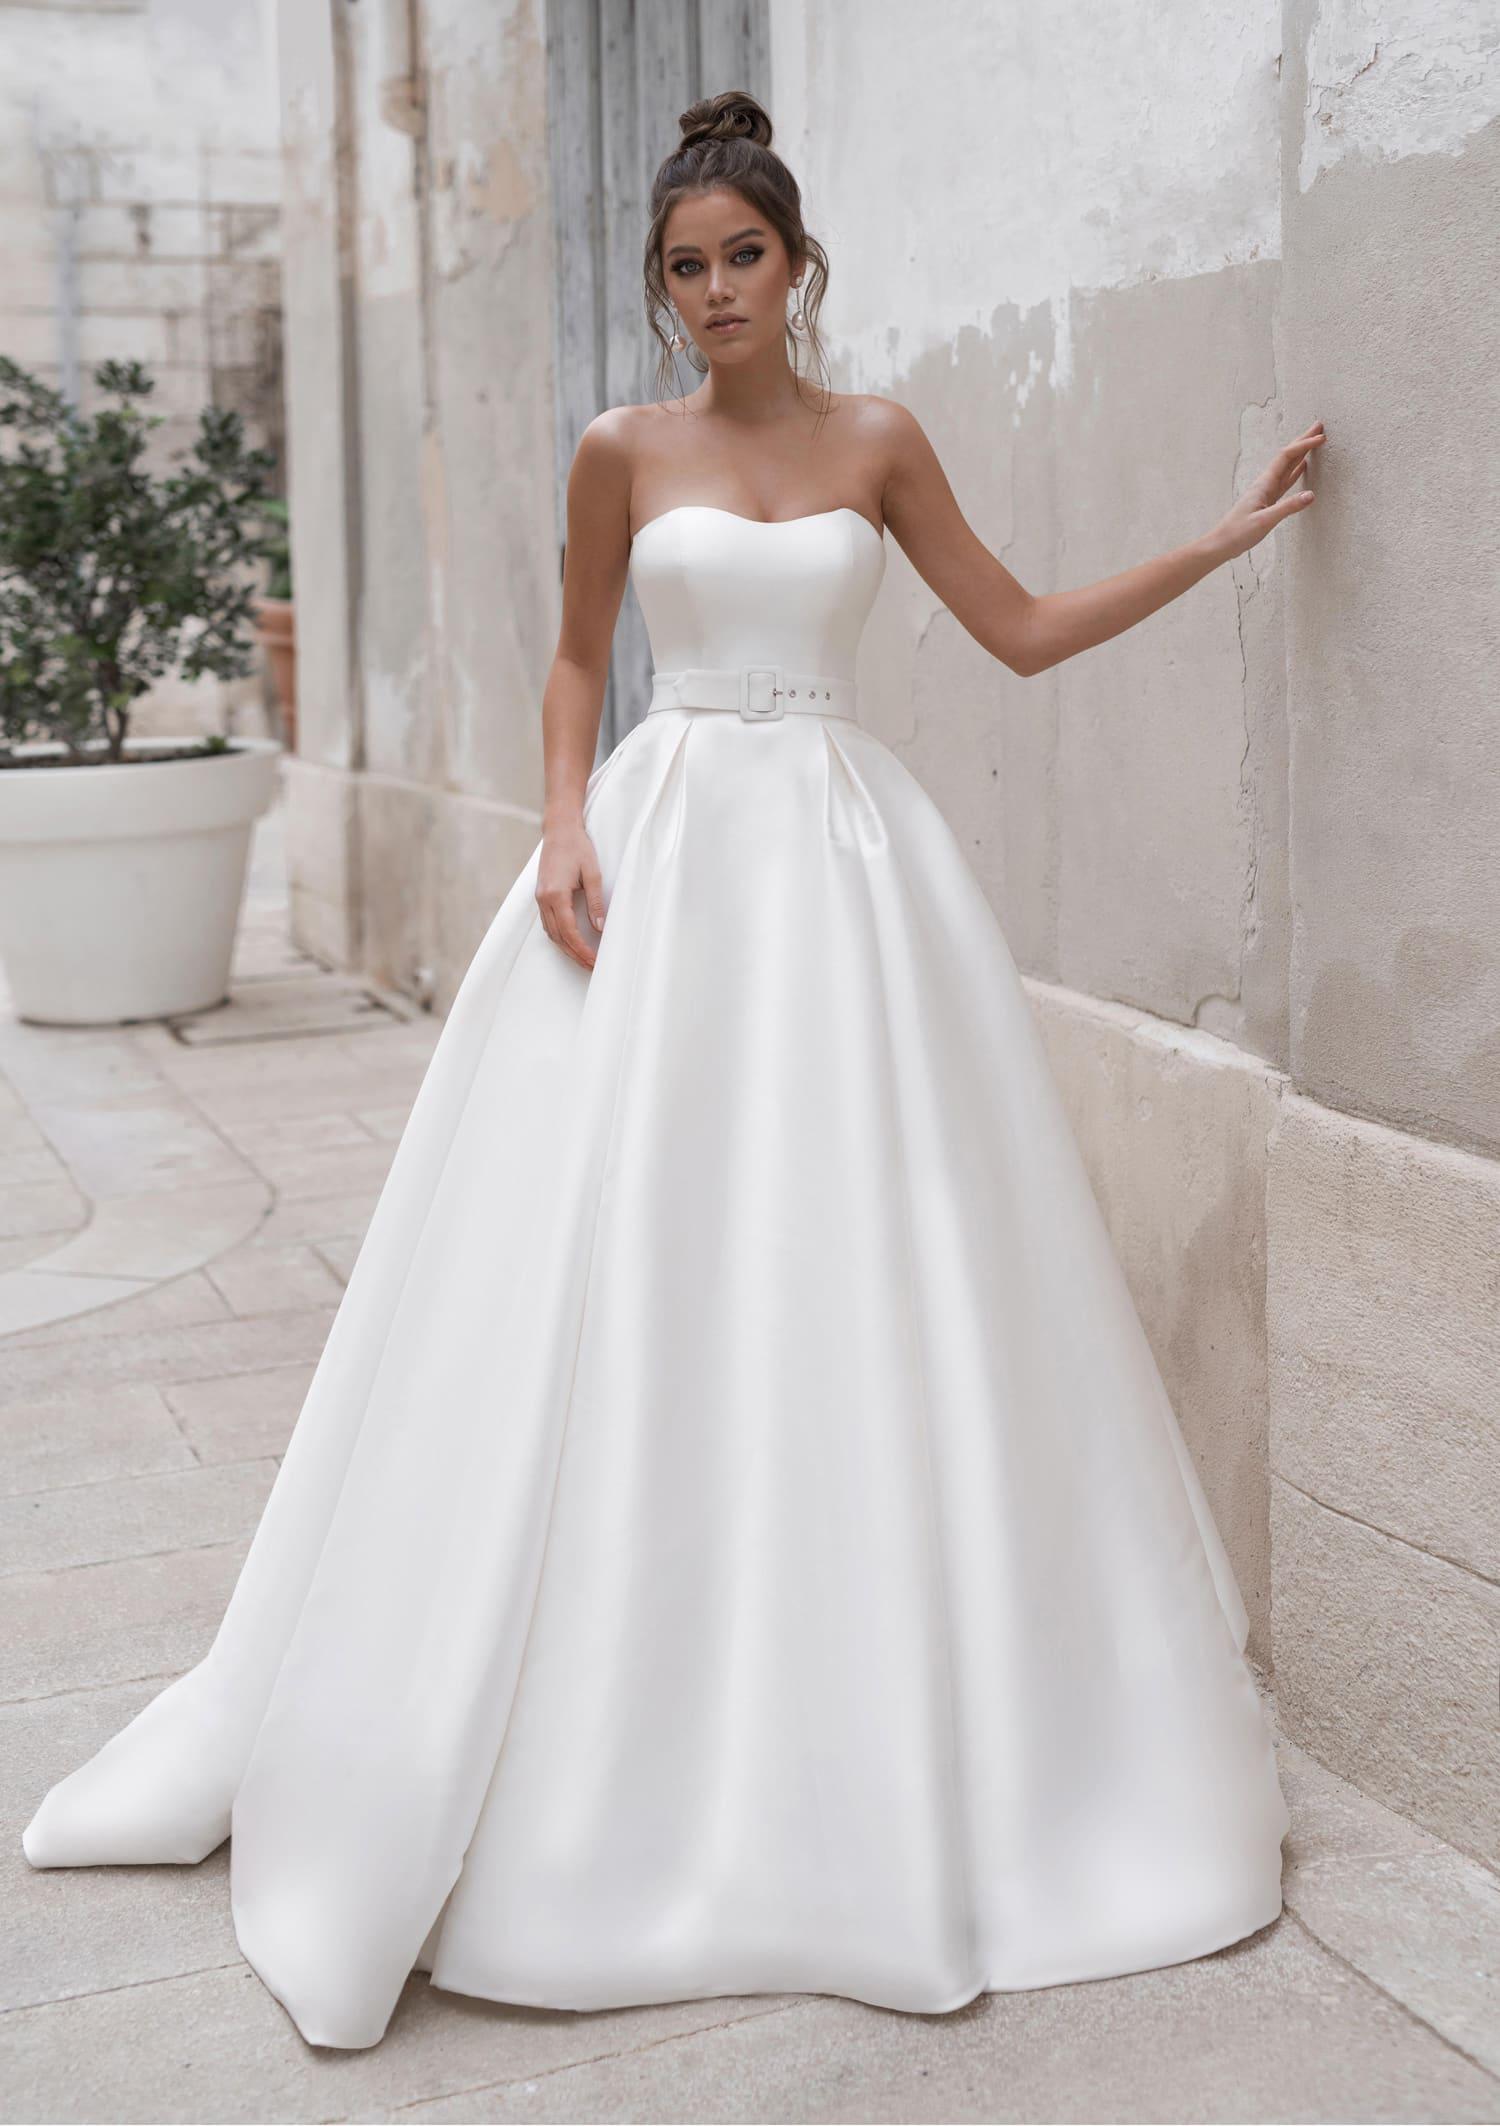 9f8f7bb7602 Пышное свадебное платье с поясом Naviblue Bridal Nadia 18288. Купить ...